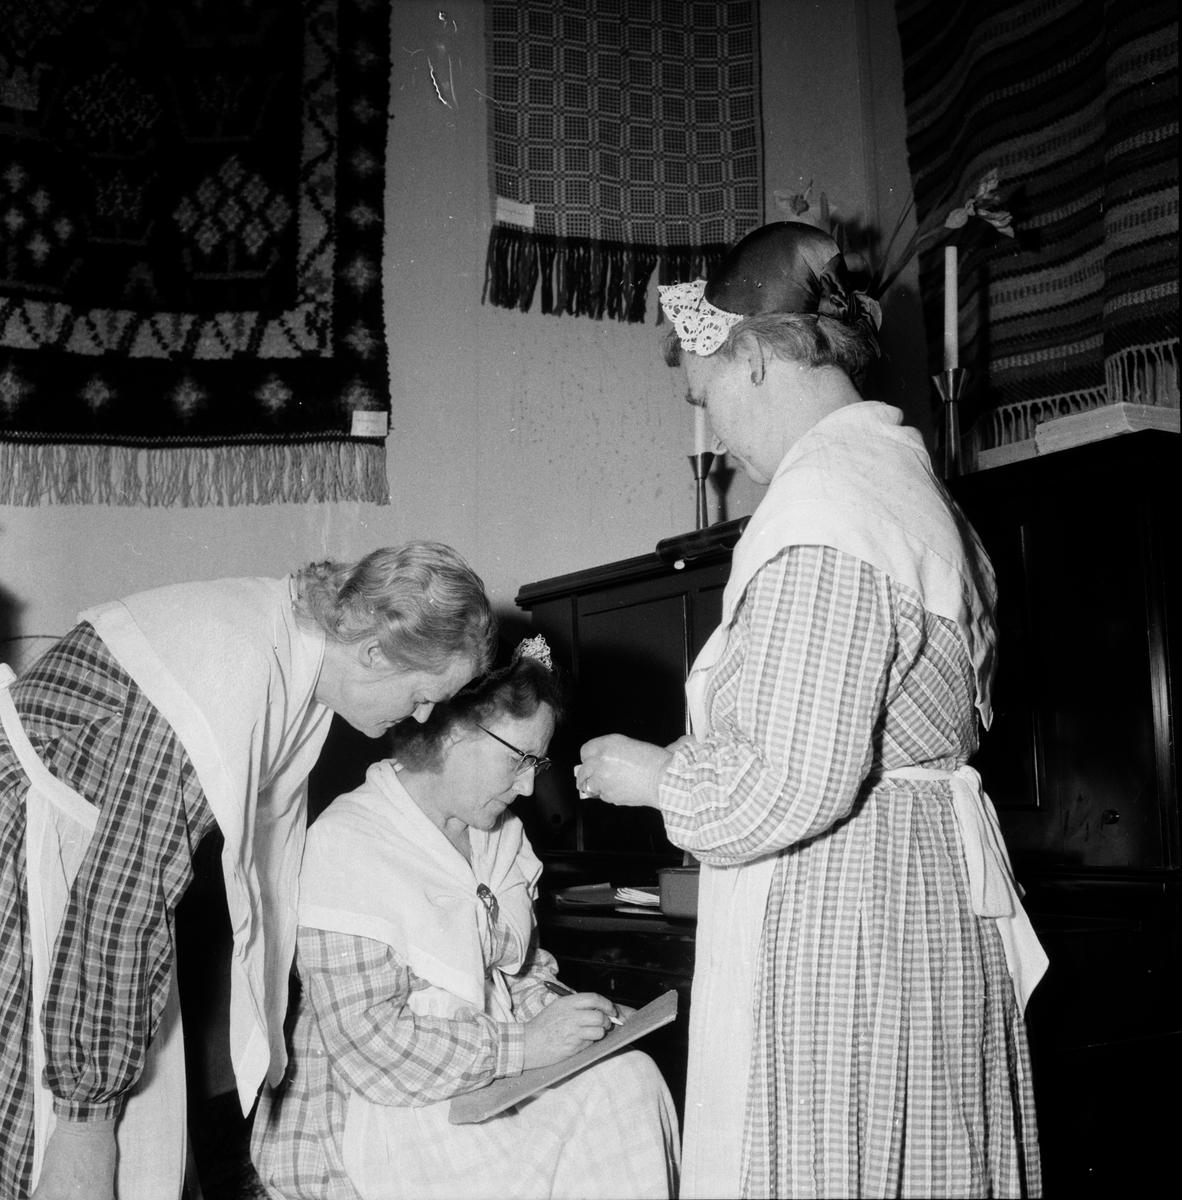 Hobbyutställning. Segersta 1/3 1959